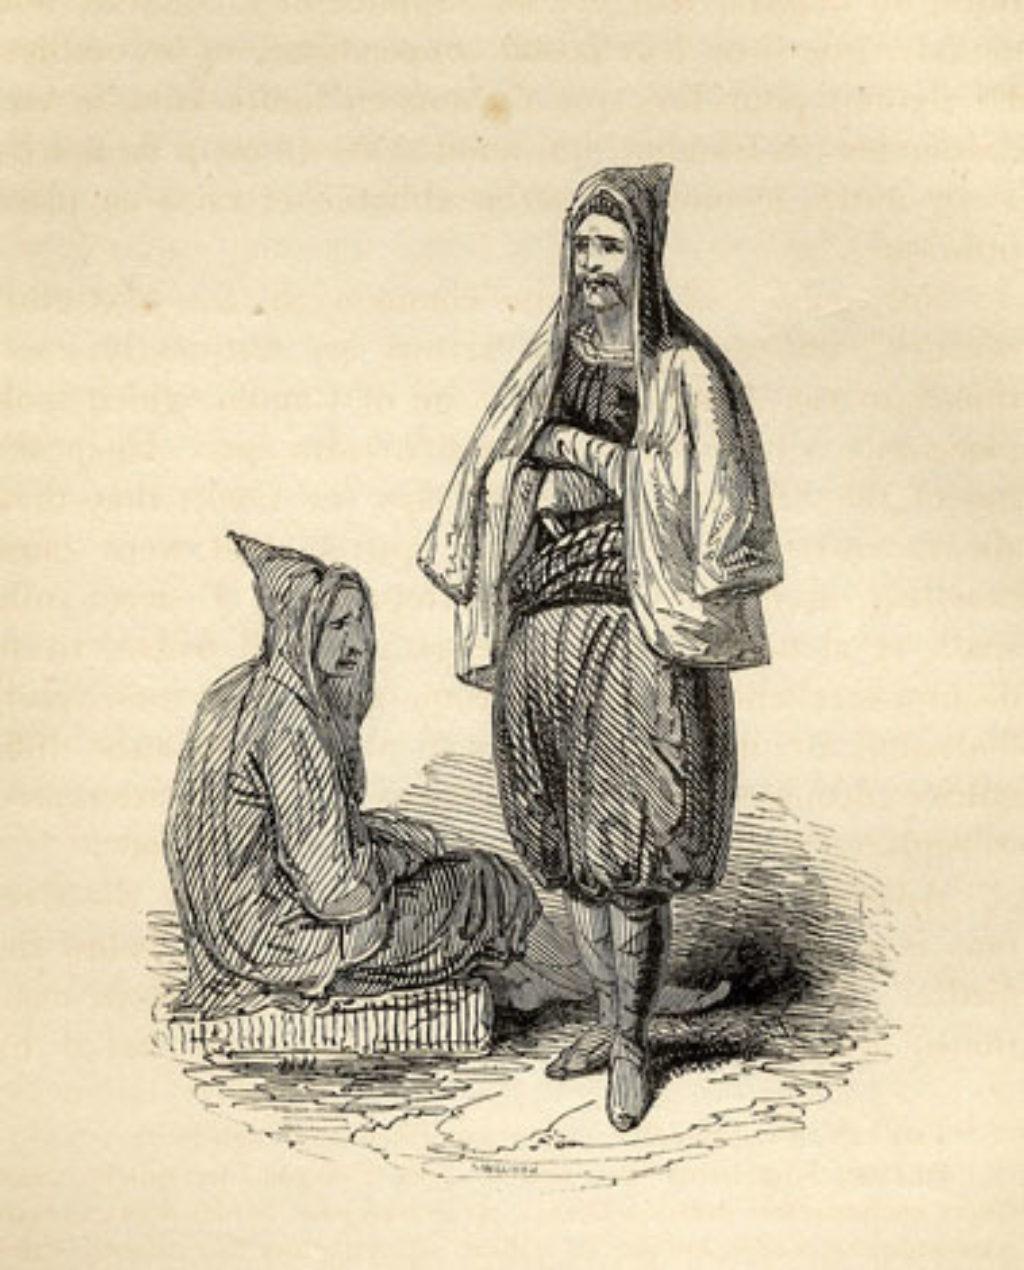 Κάτοικοι της κρητικής υπαίθρου μετά την Επανάσταση ( R. Pashley, 1834 )